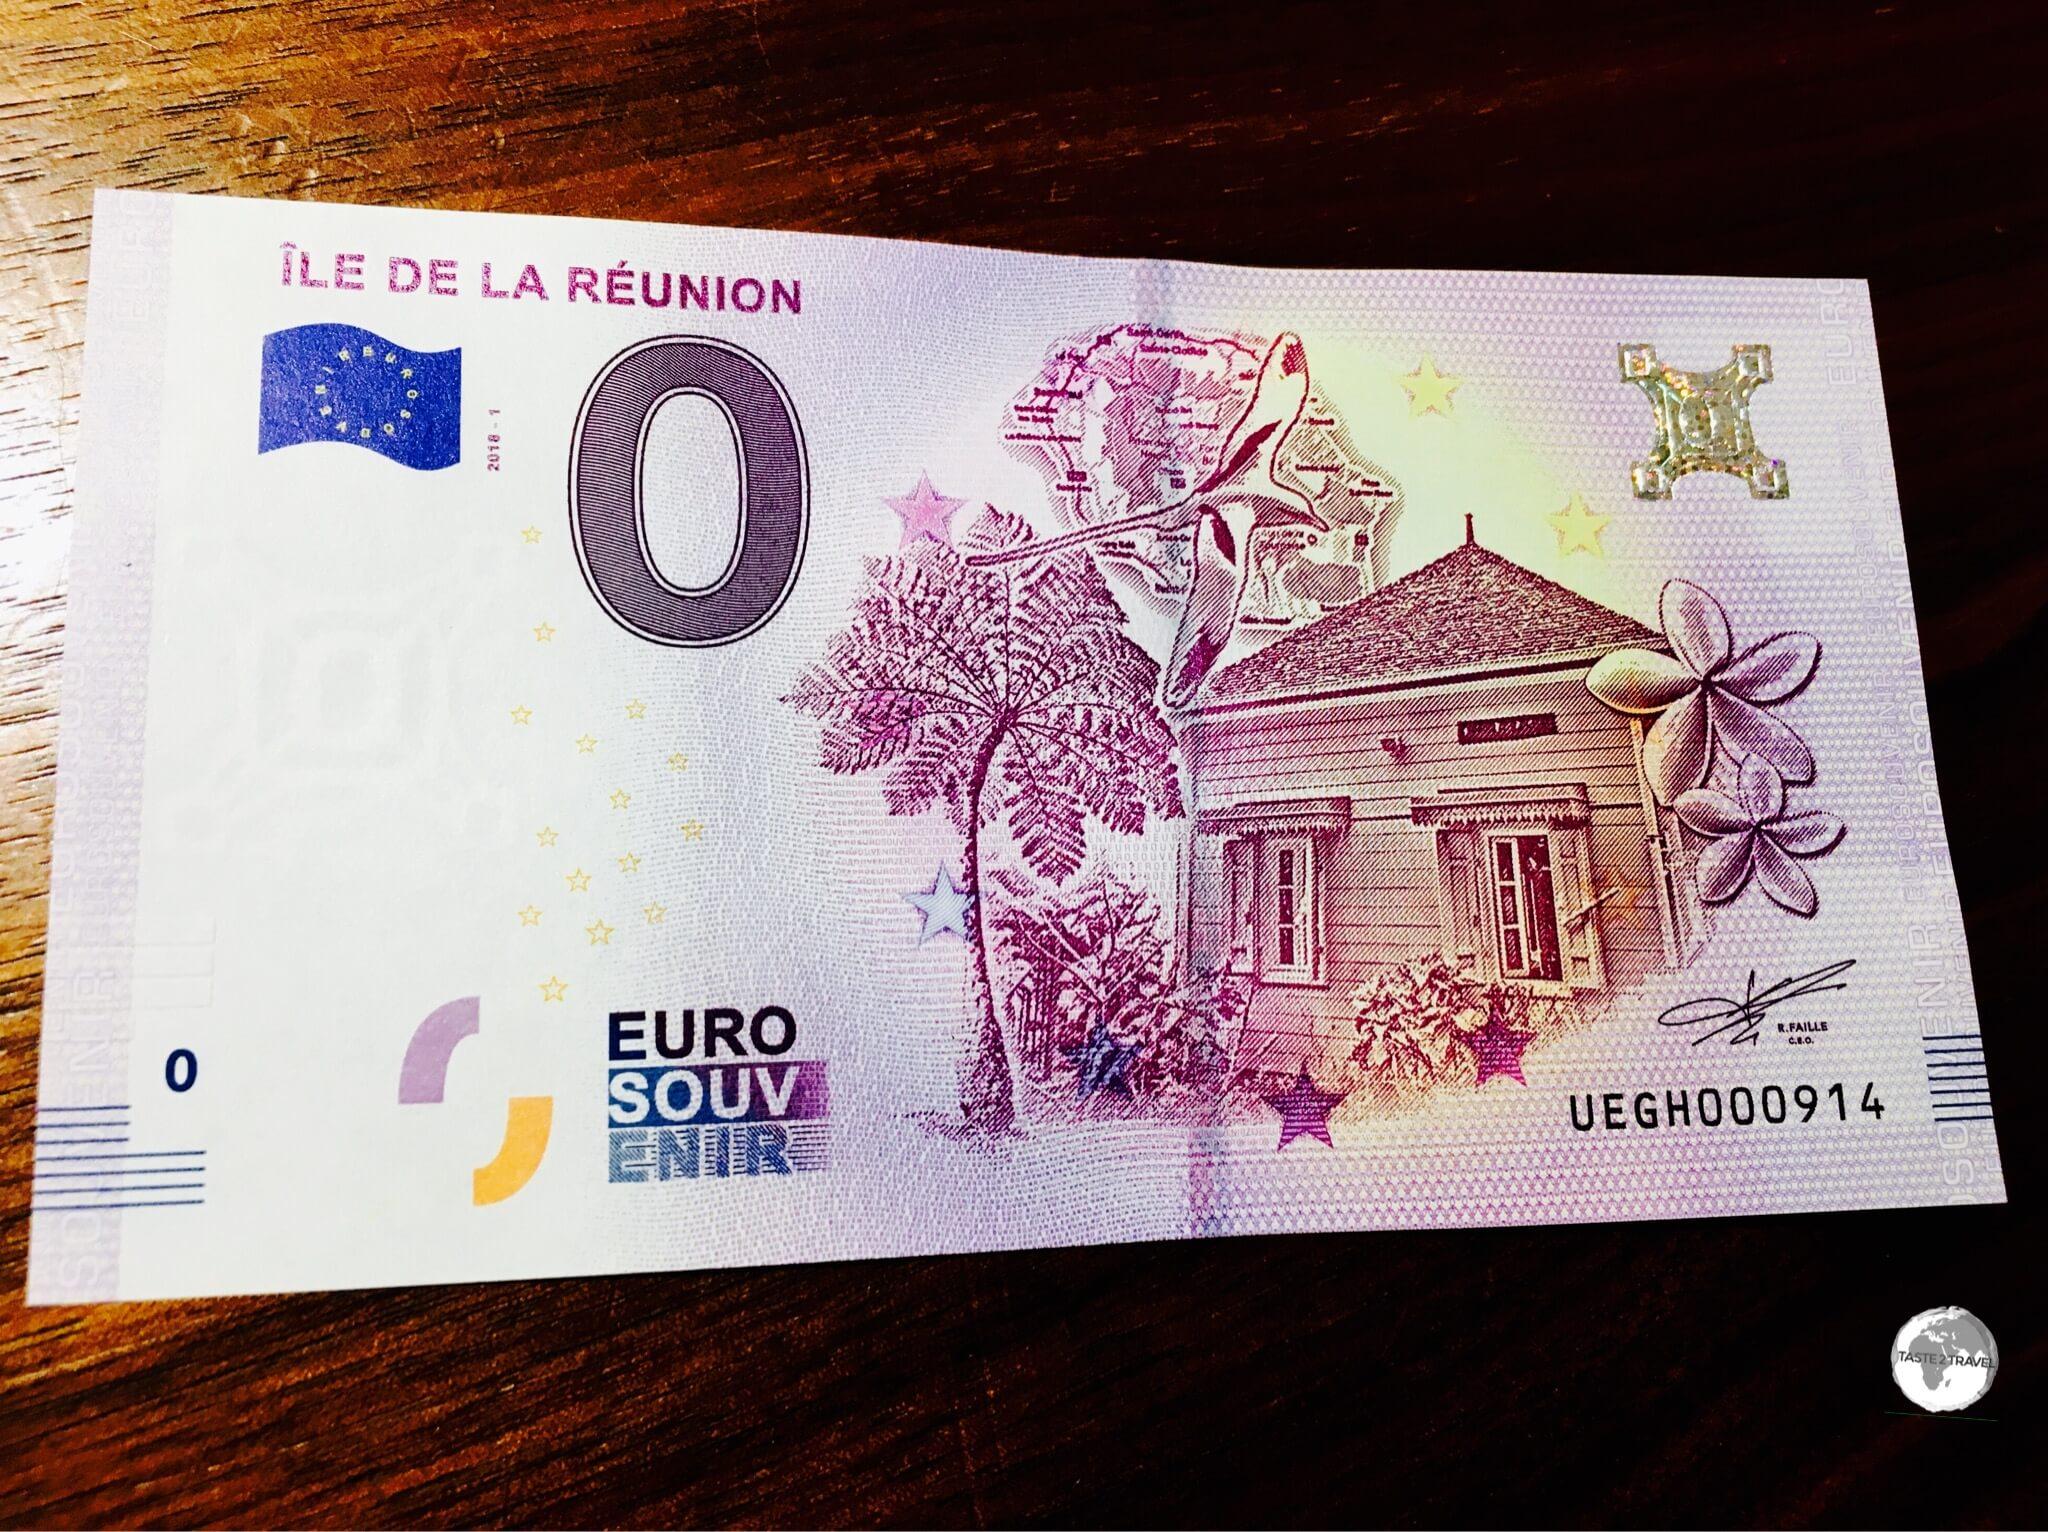 The Réunion souvenir €0 note.